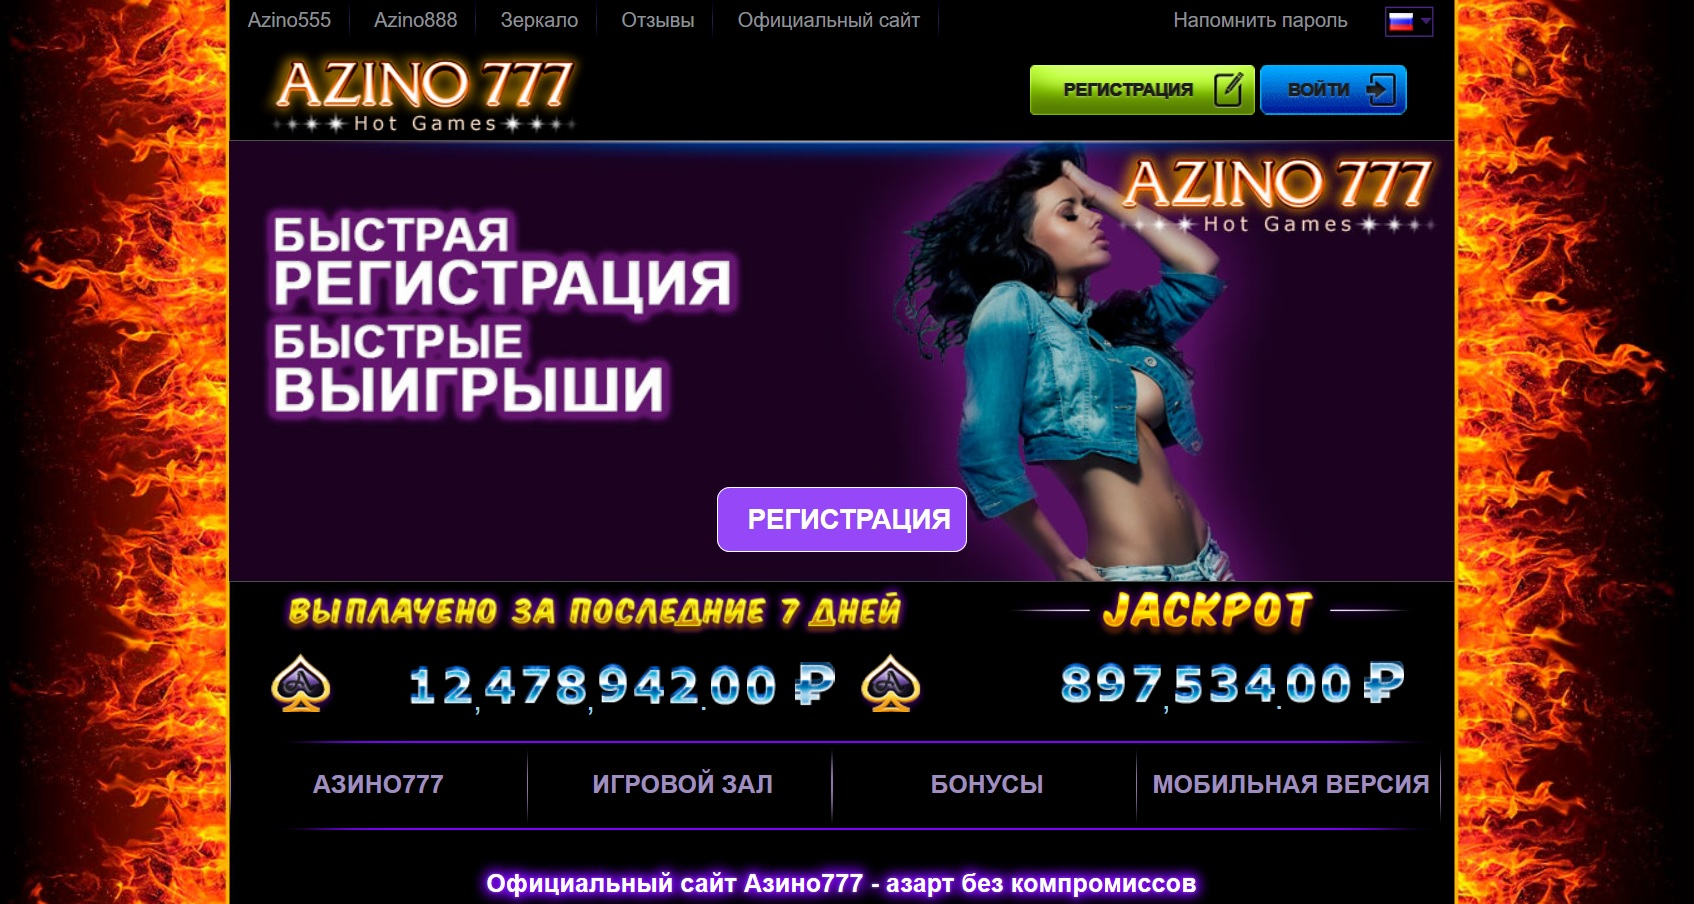 азино 777 вход официальный